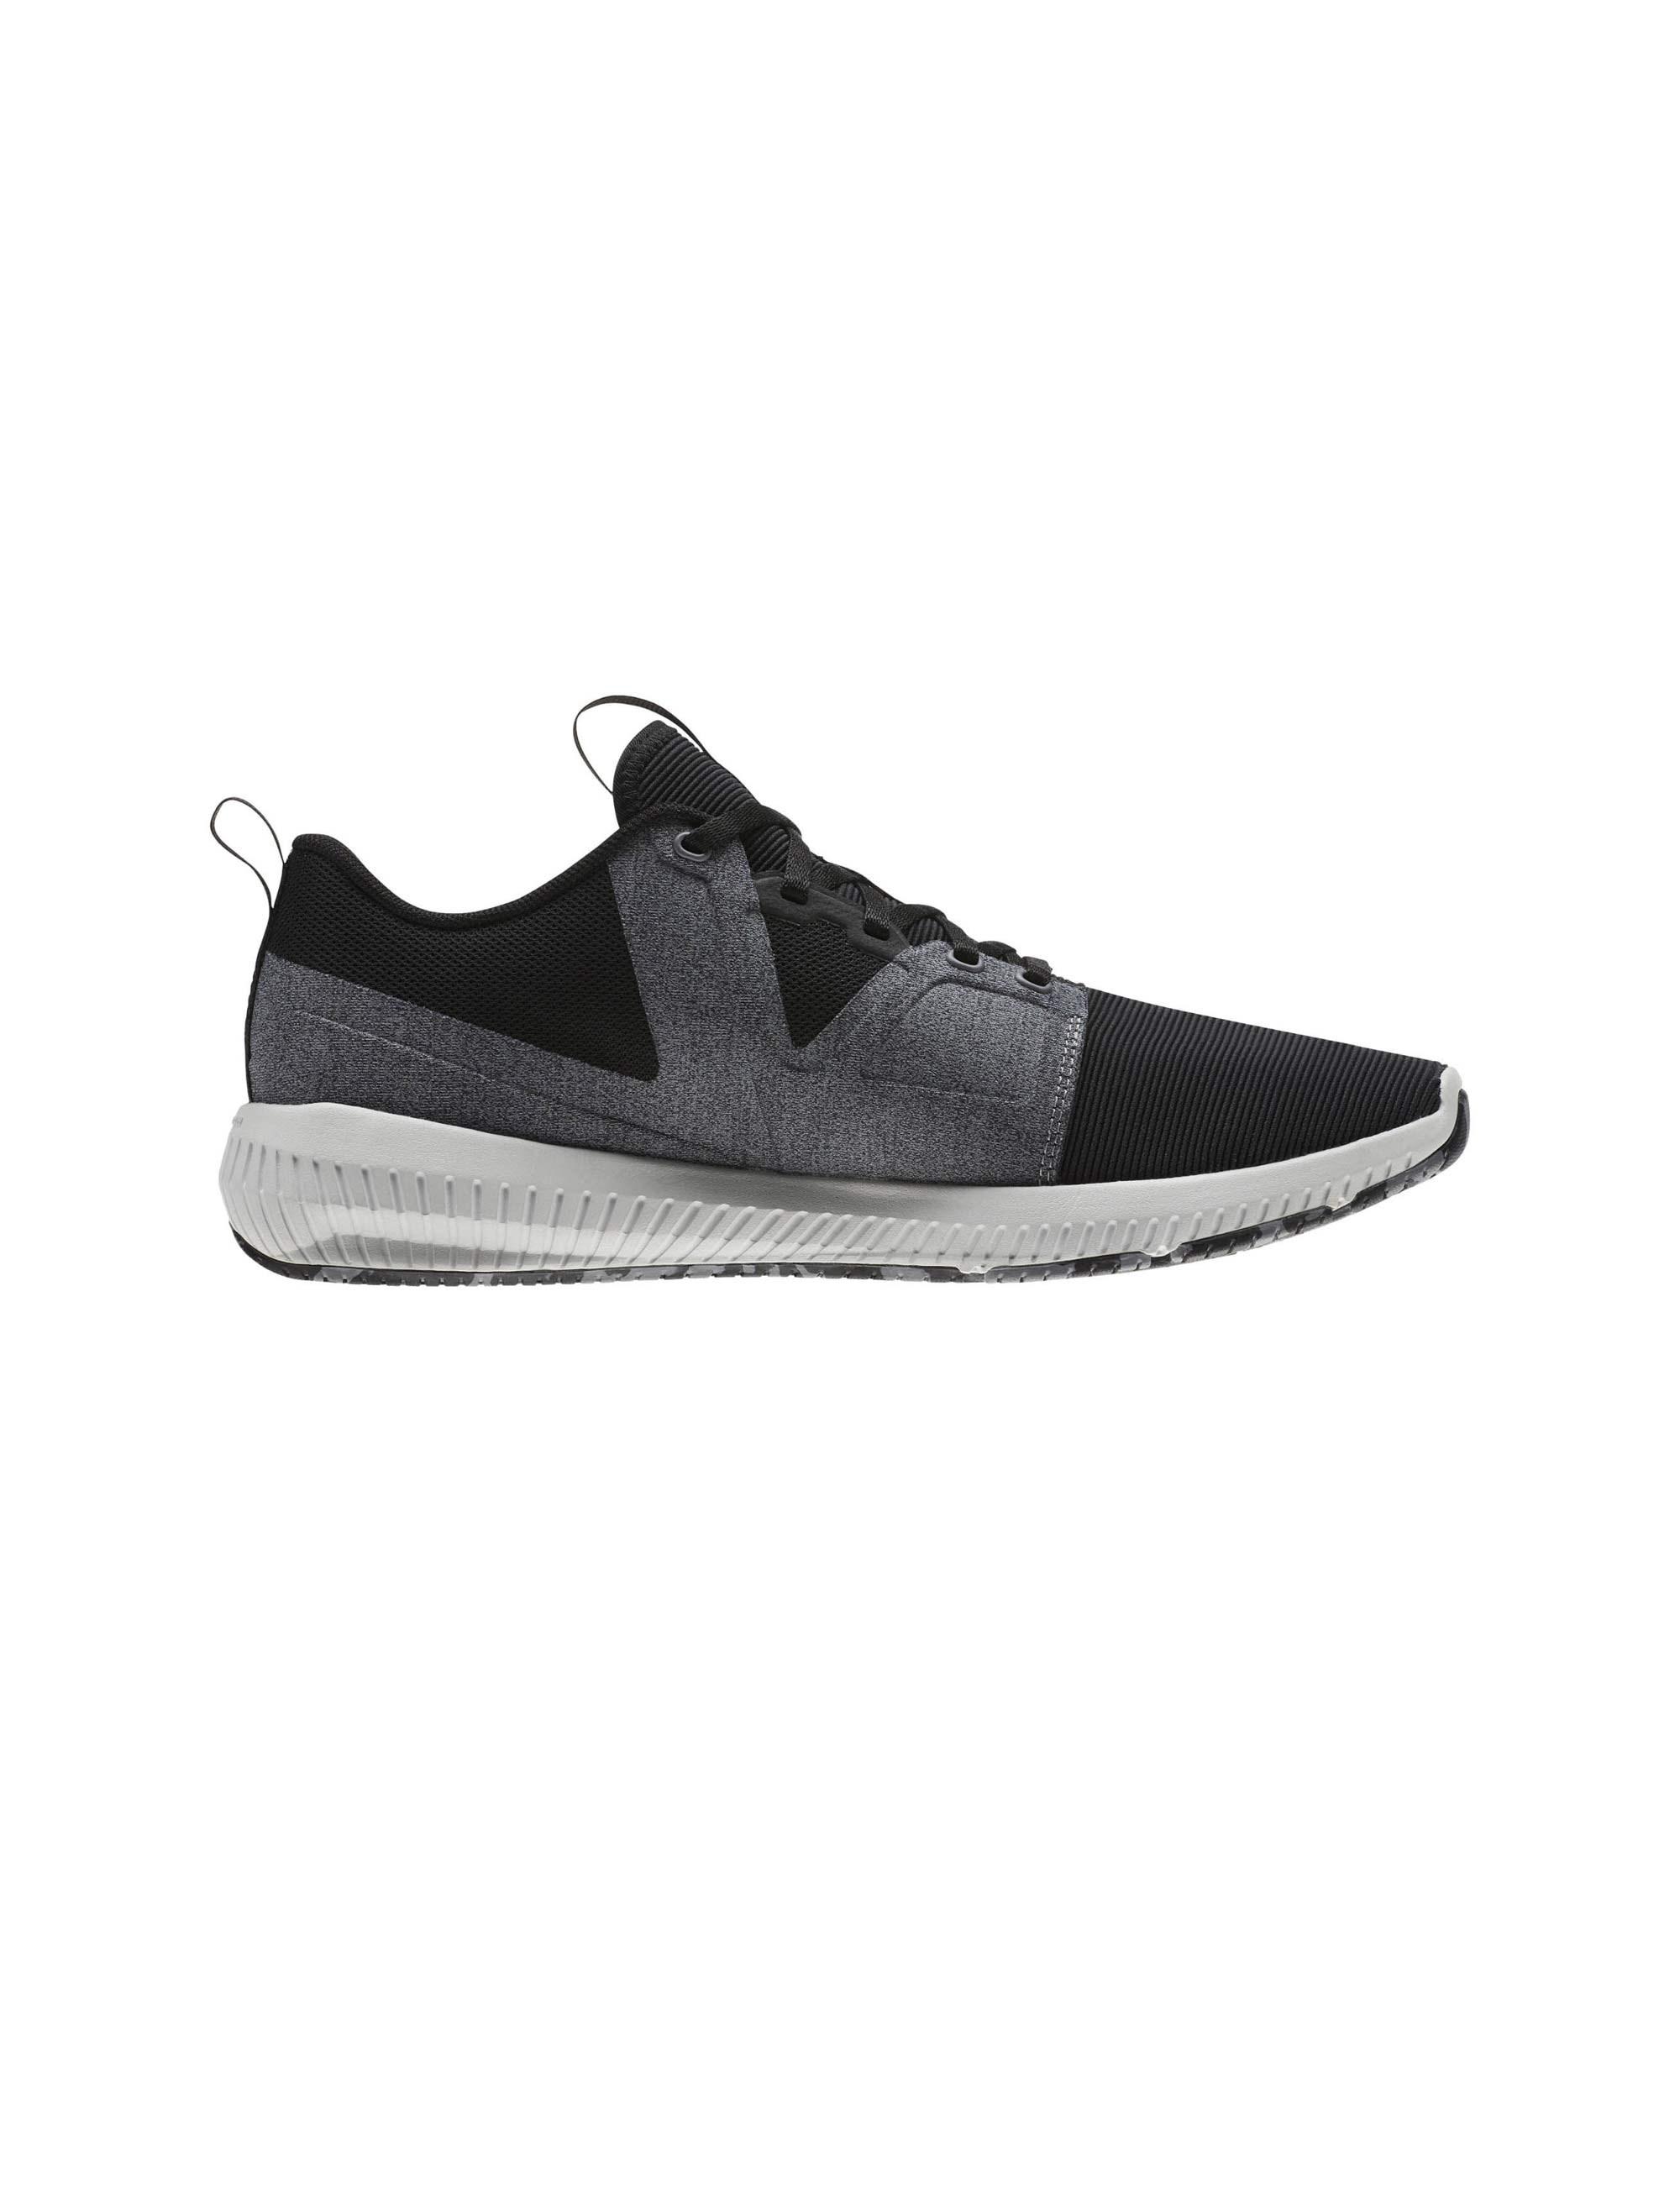 قیمت کفش تمرین بندی مردانه Hydrorush - ریباک